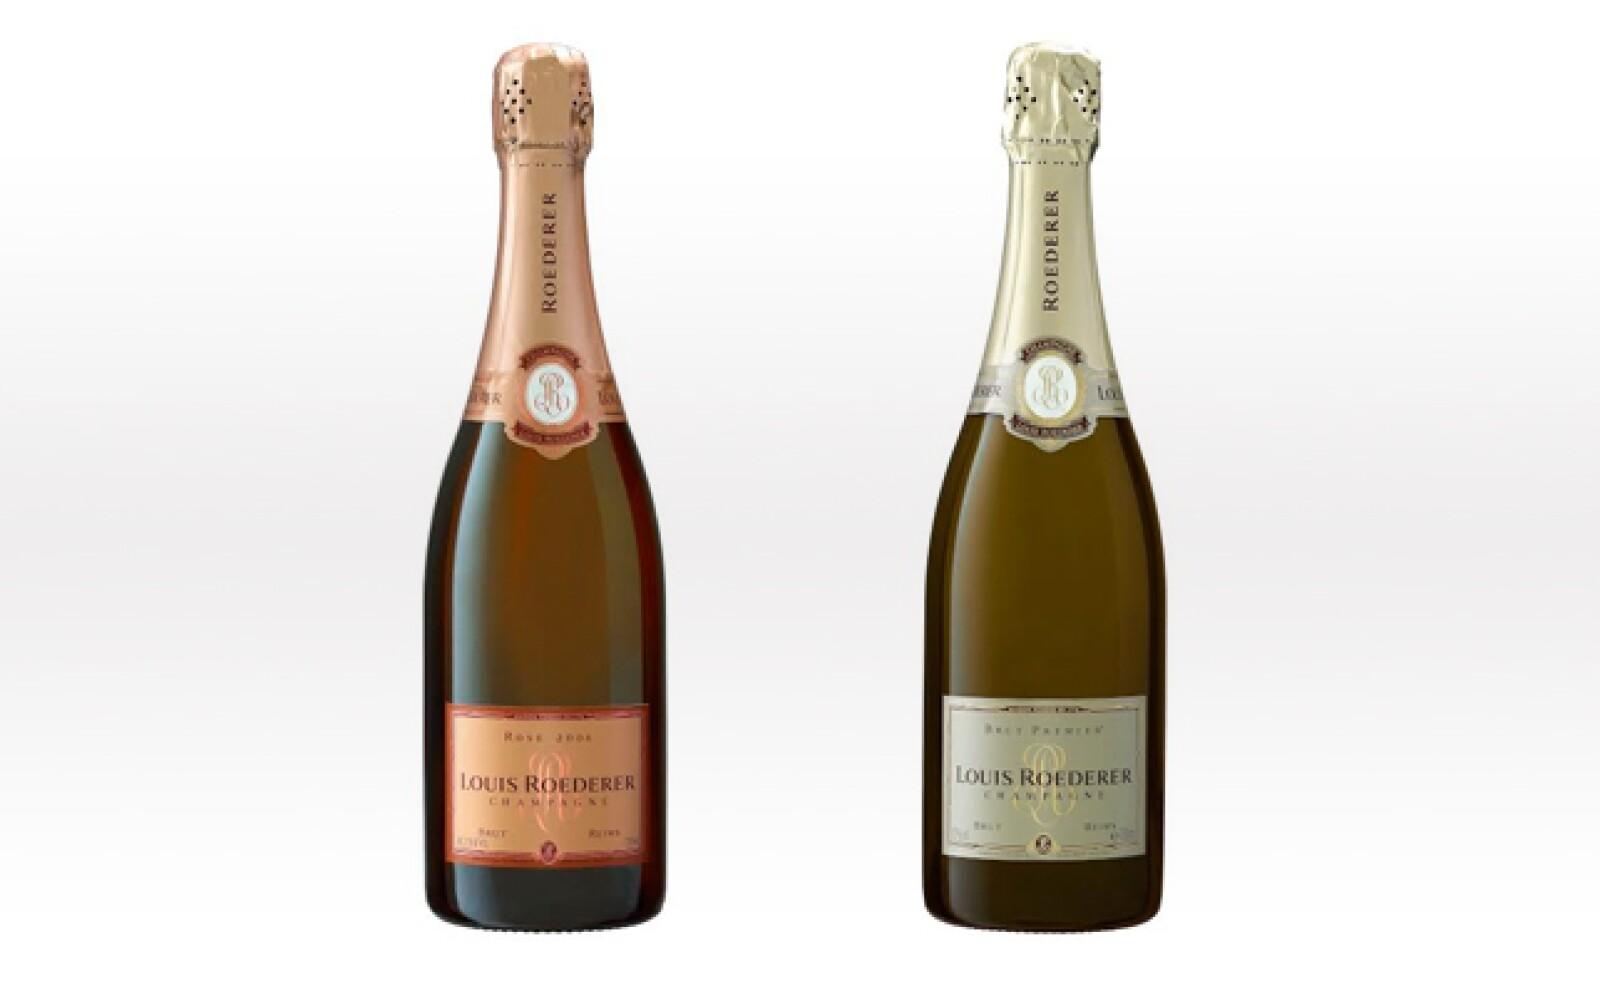 Elaborados en  viñedos de 214 hectáreas en  Champagne en Francia, Louis Roederer crea sus propios vinos con jugosas uvas y largos procesos de producción artesanales.